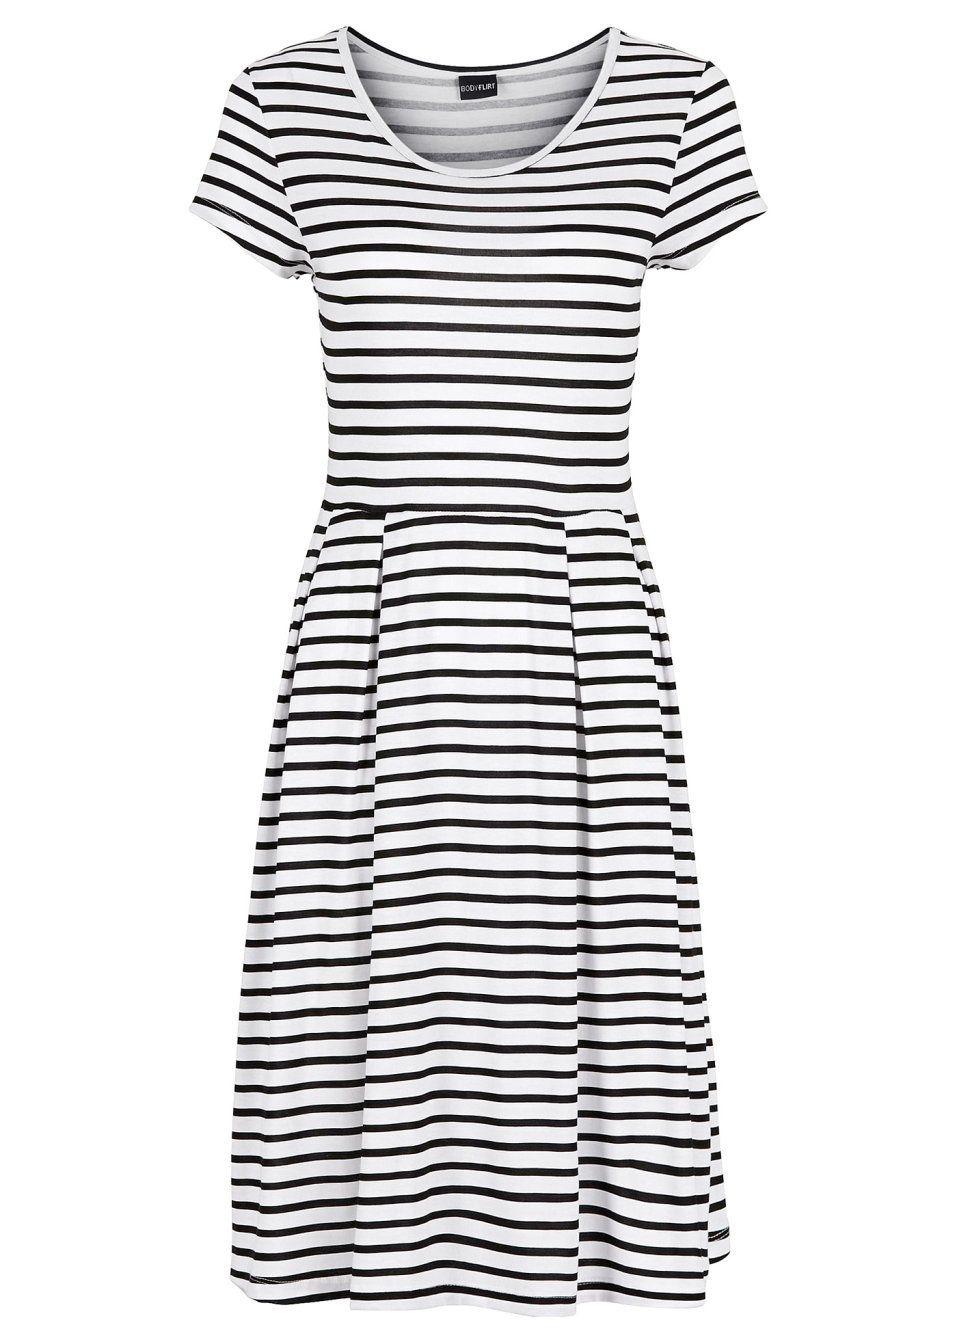 Úpletové šaty V módním vzoru puntíků • 549.0 Kč • bonprix  23344faa50